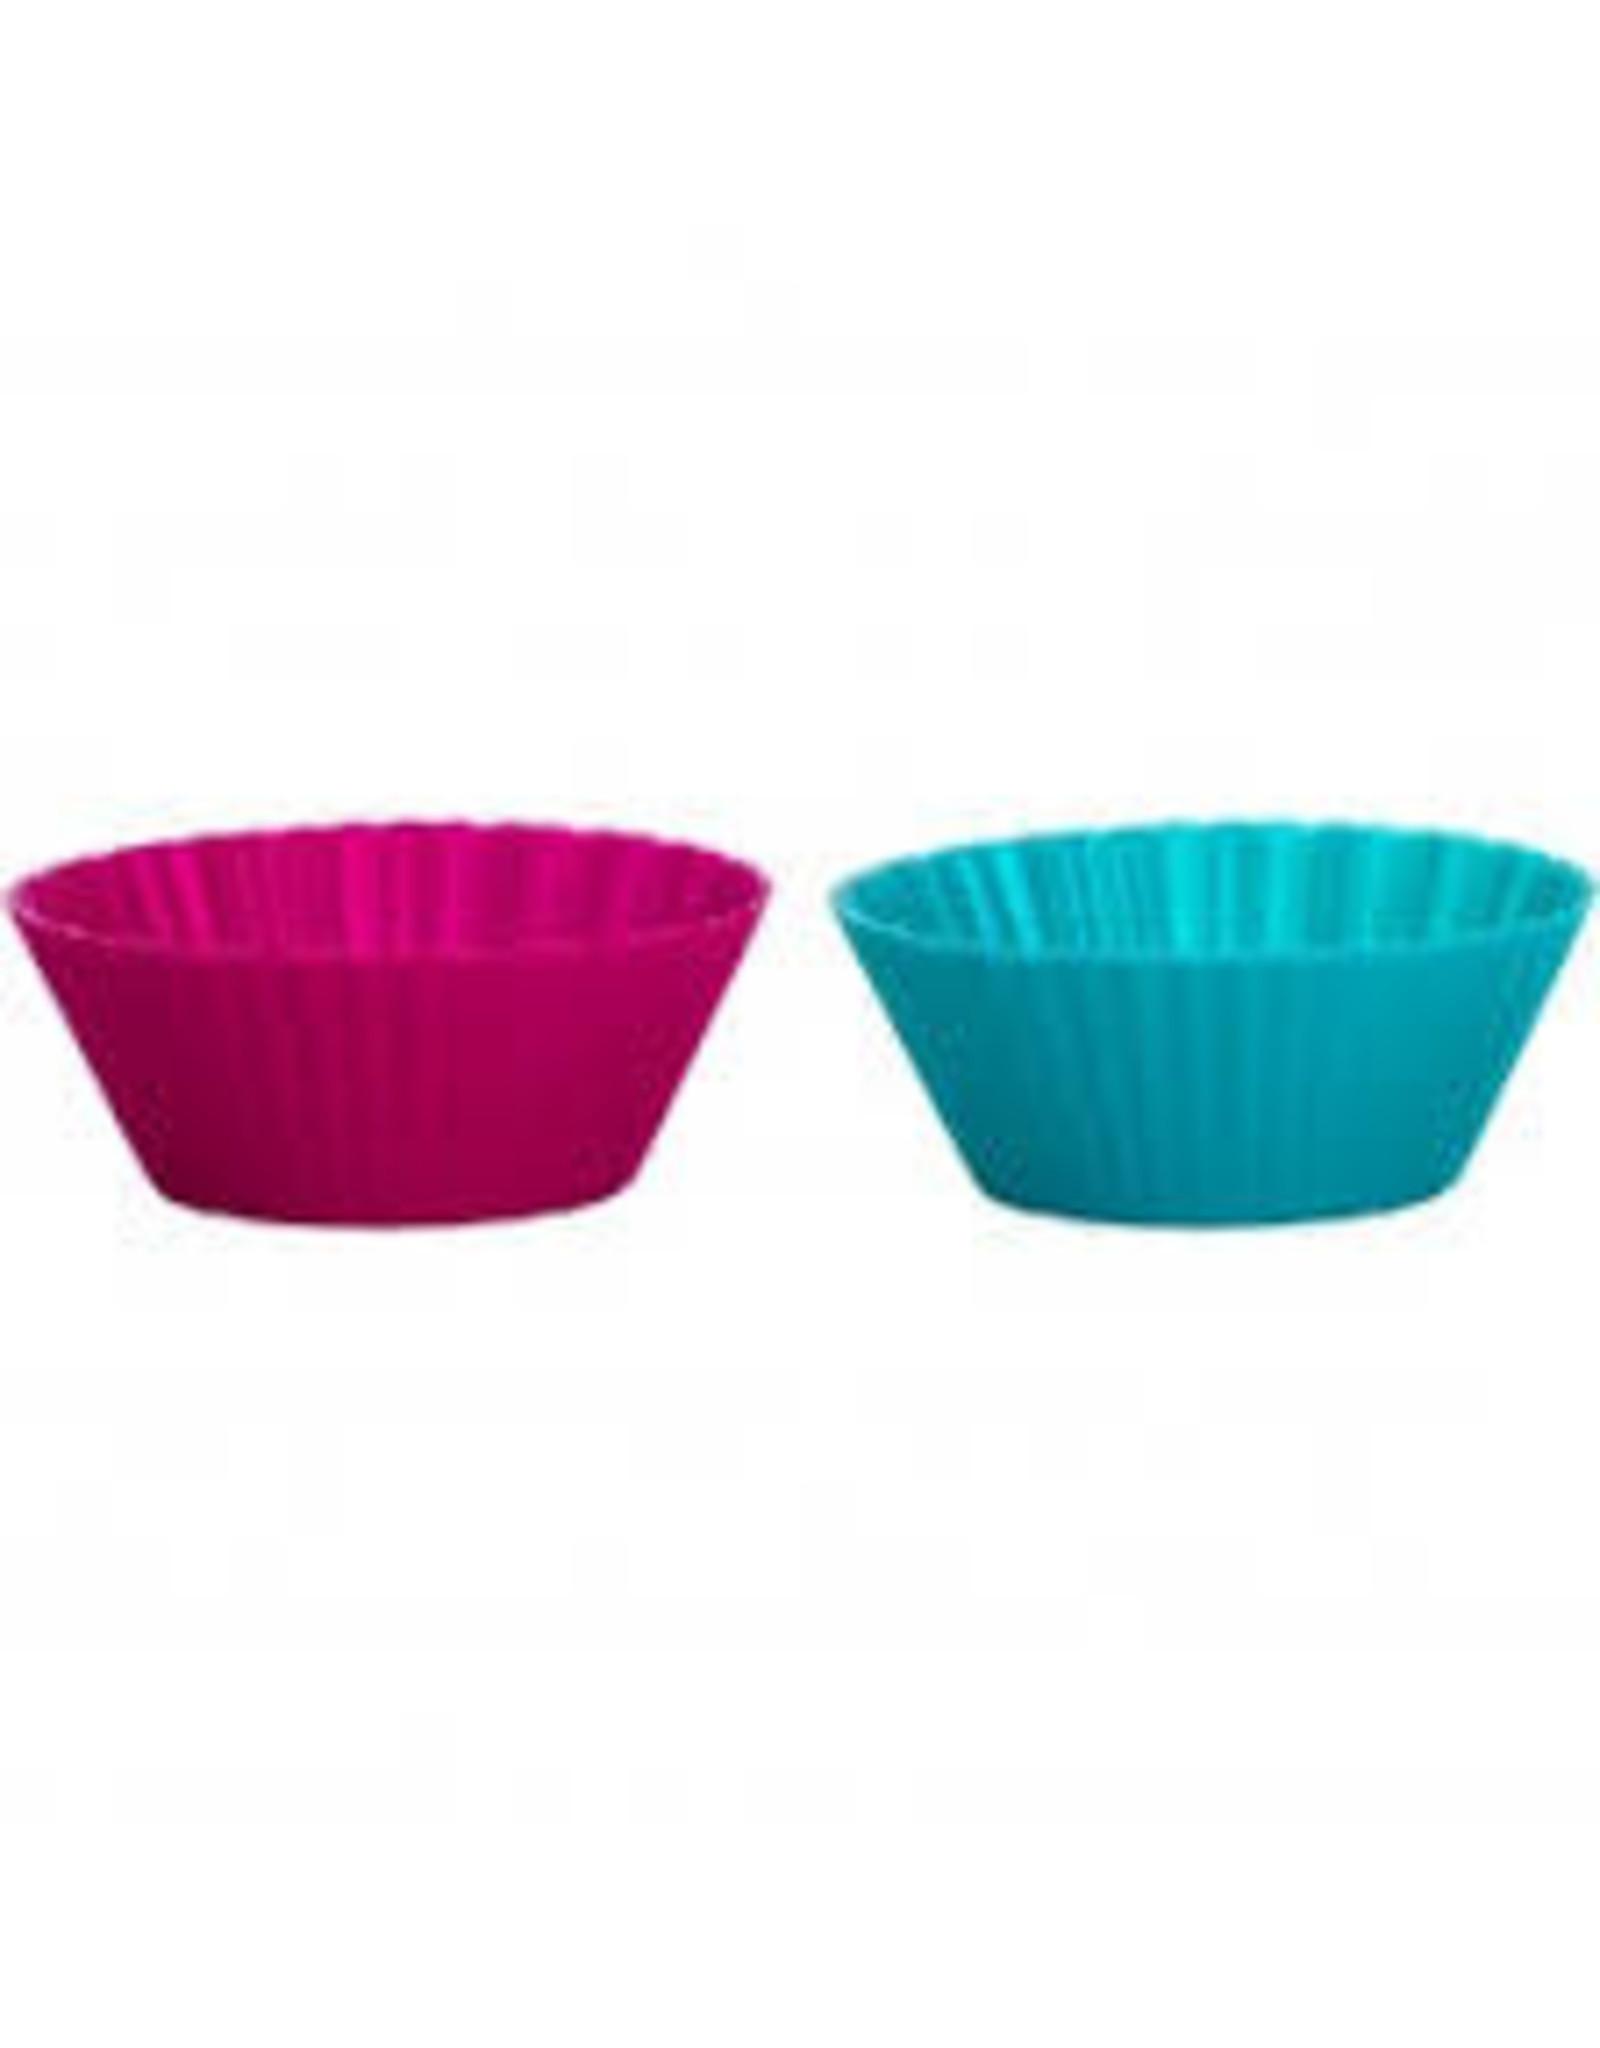 TRUD Mini Muffin Cups Fuchia/Tropical